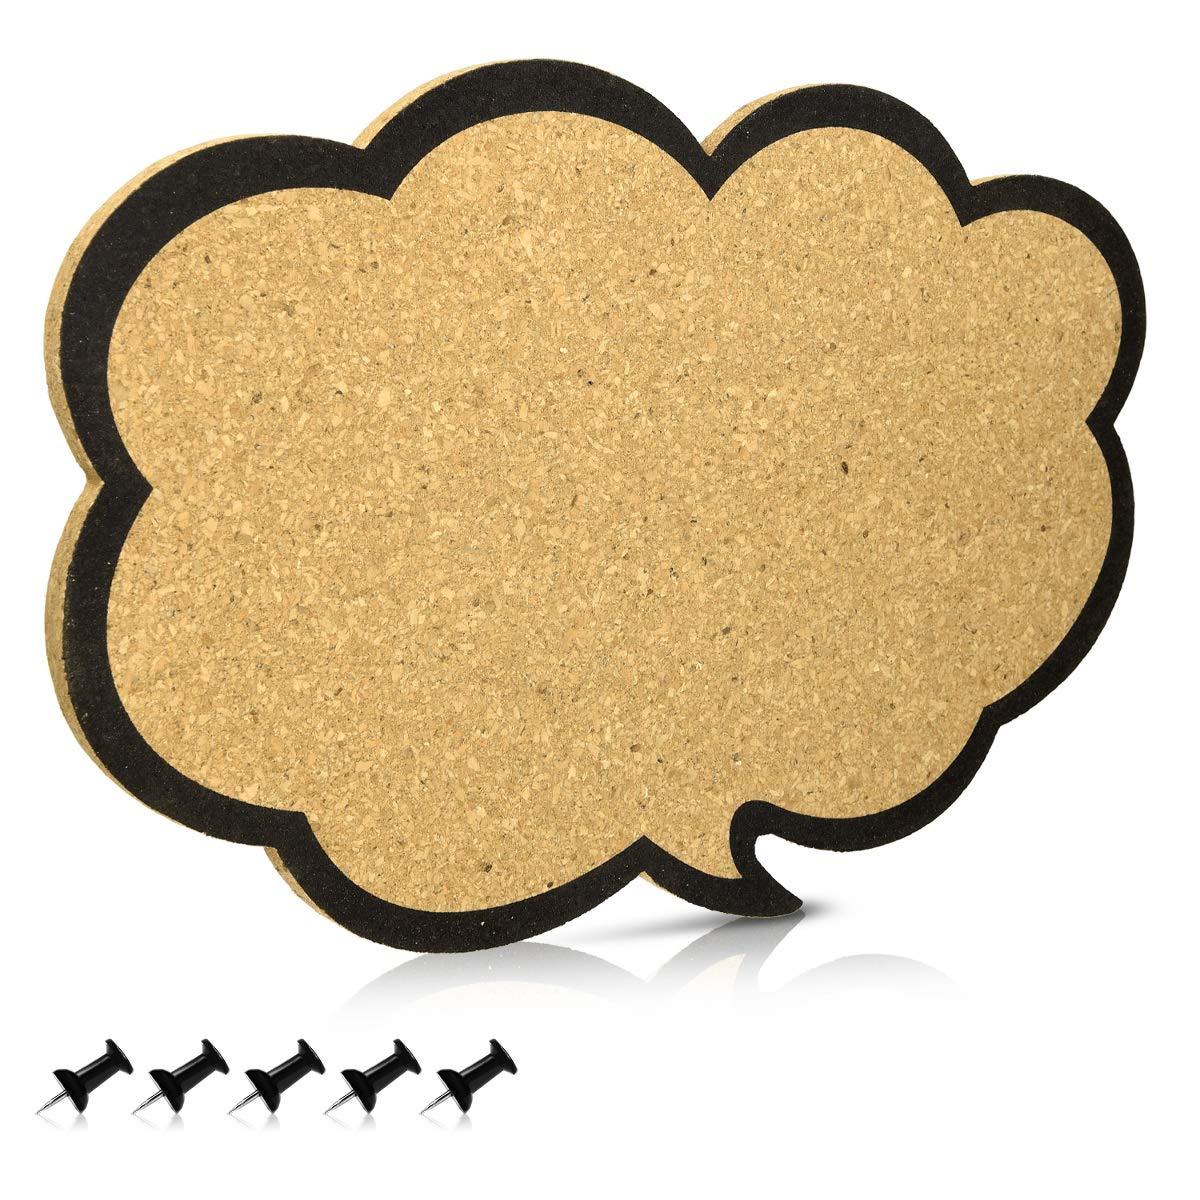 Navaris Bacheca in sughero 44x29 cm a nuvoletta - Lavagna in sughero a forma di fumetto a nuvola con 5 puntine - Lavagnetta con ganci sul retro KW-Commerce 45363.02_m001253